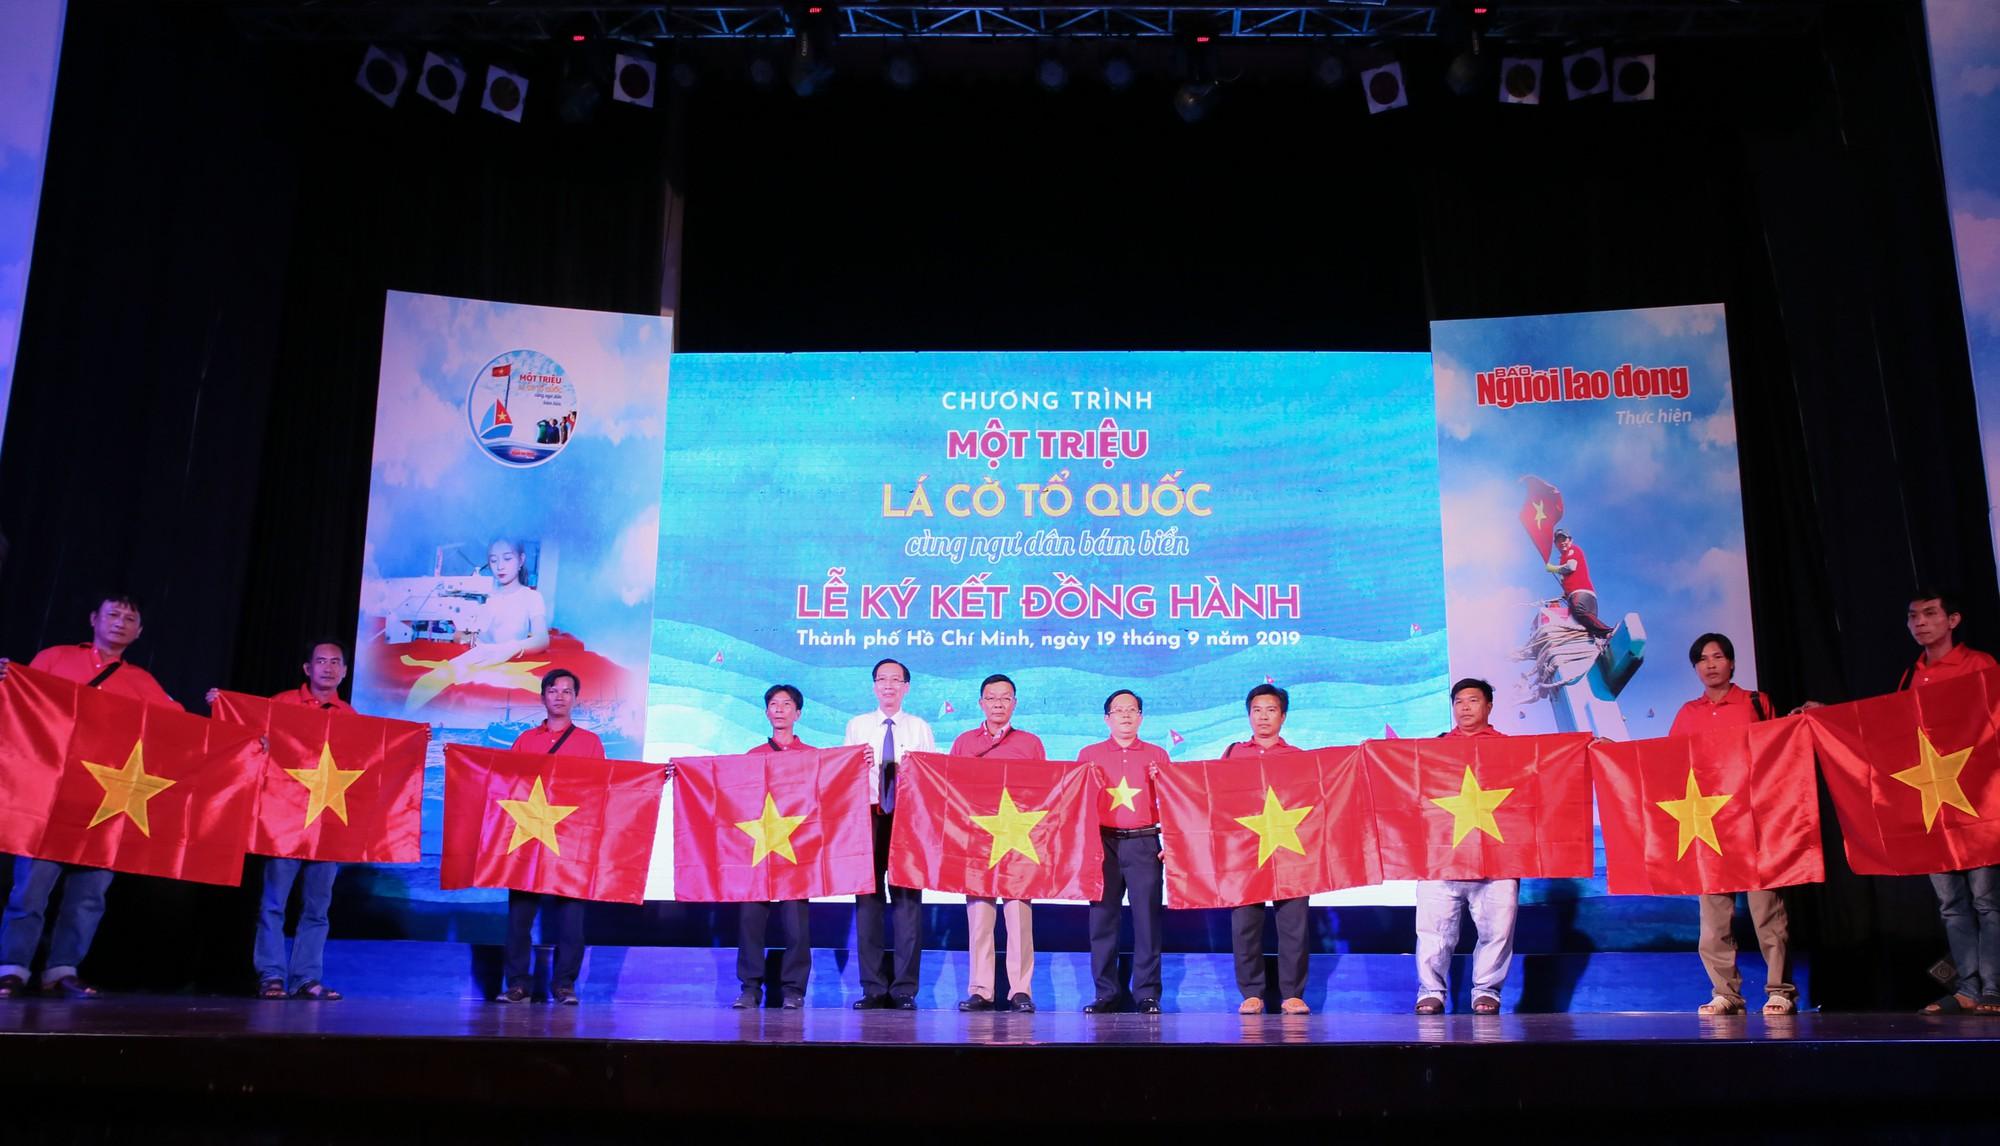 Những khoảnh khắc ấn tượng tại Lễ ký kết đồng hành Chương trình Một triệu lá cờ Tổ quốc cùng ngư dân bám biển - Ảnh 9.